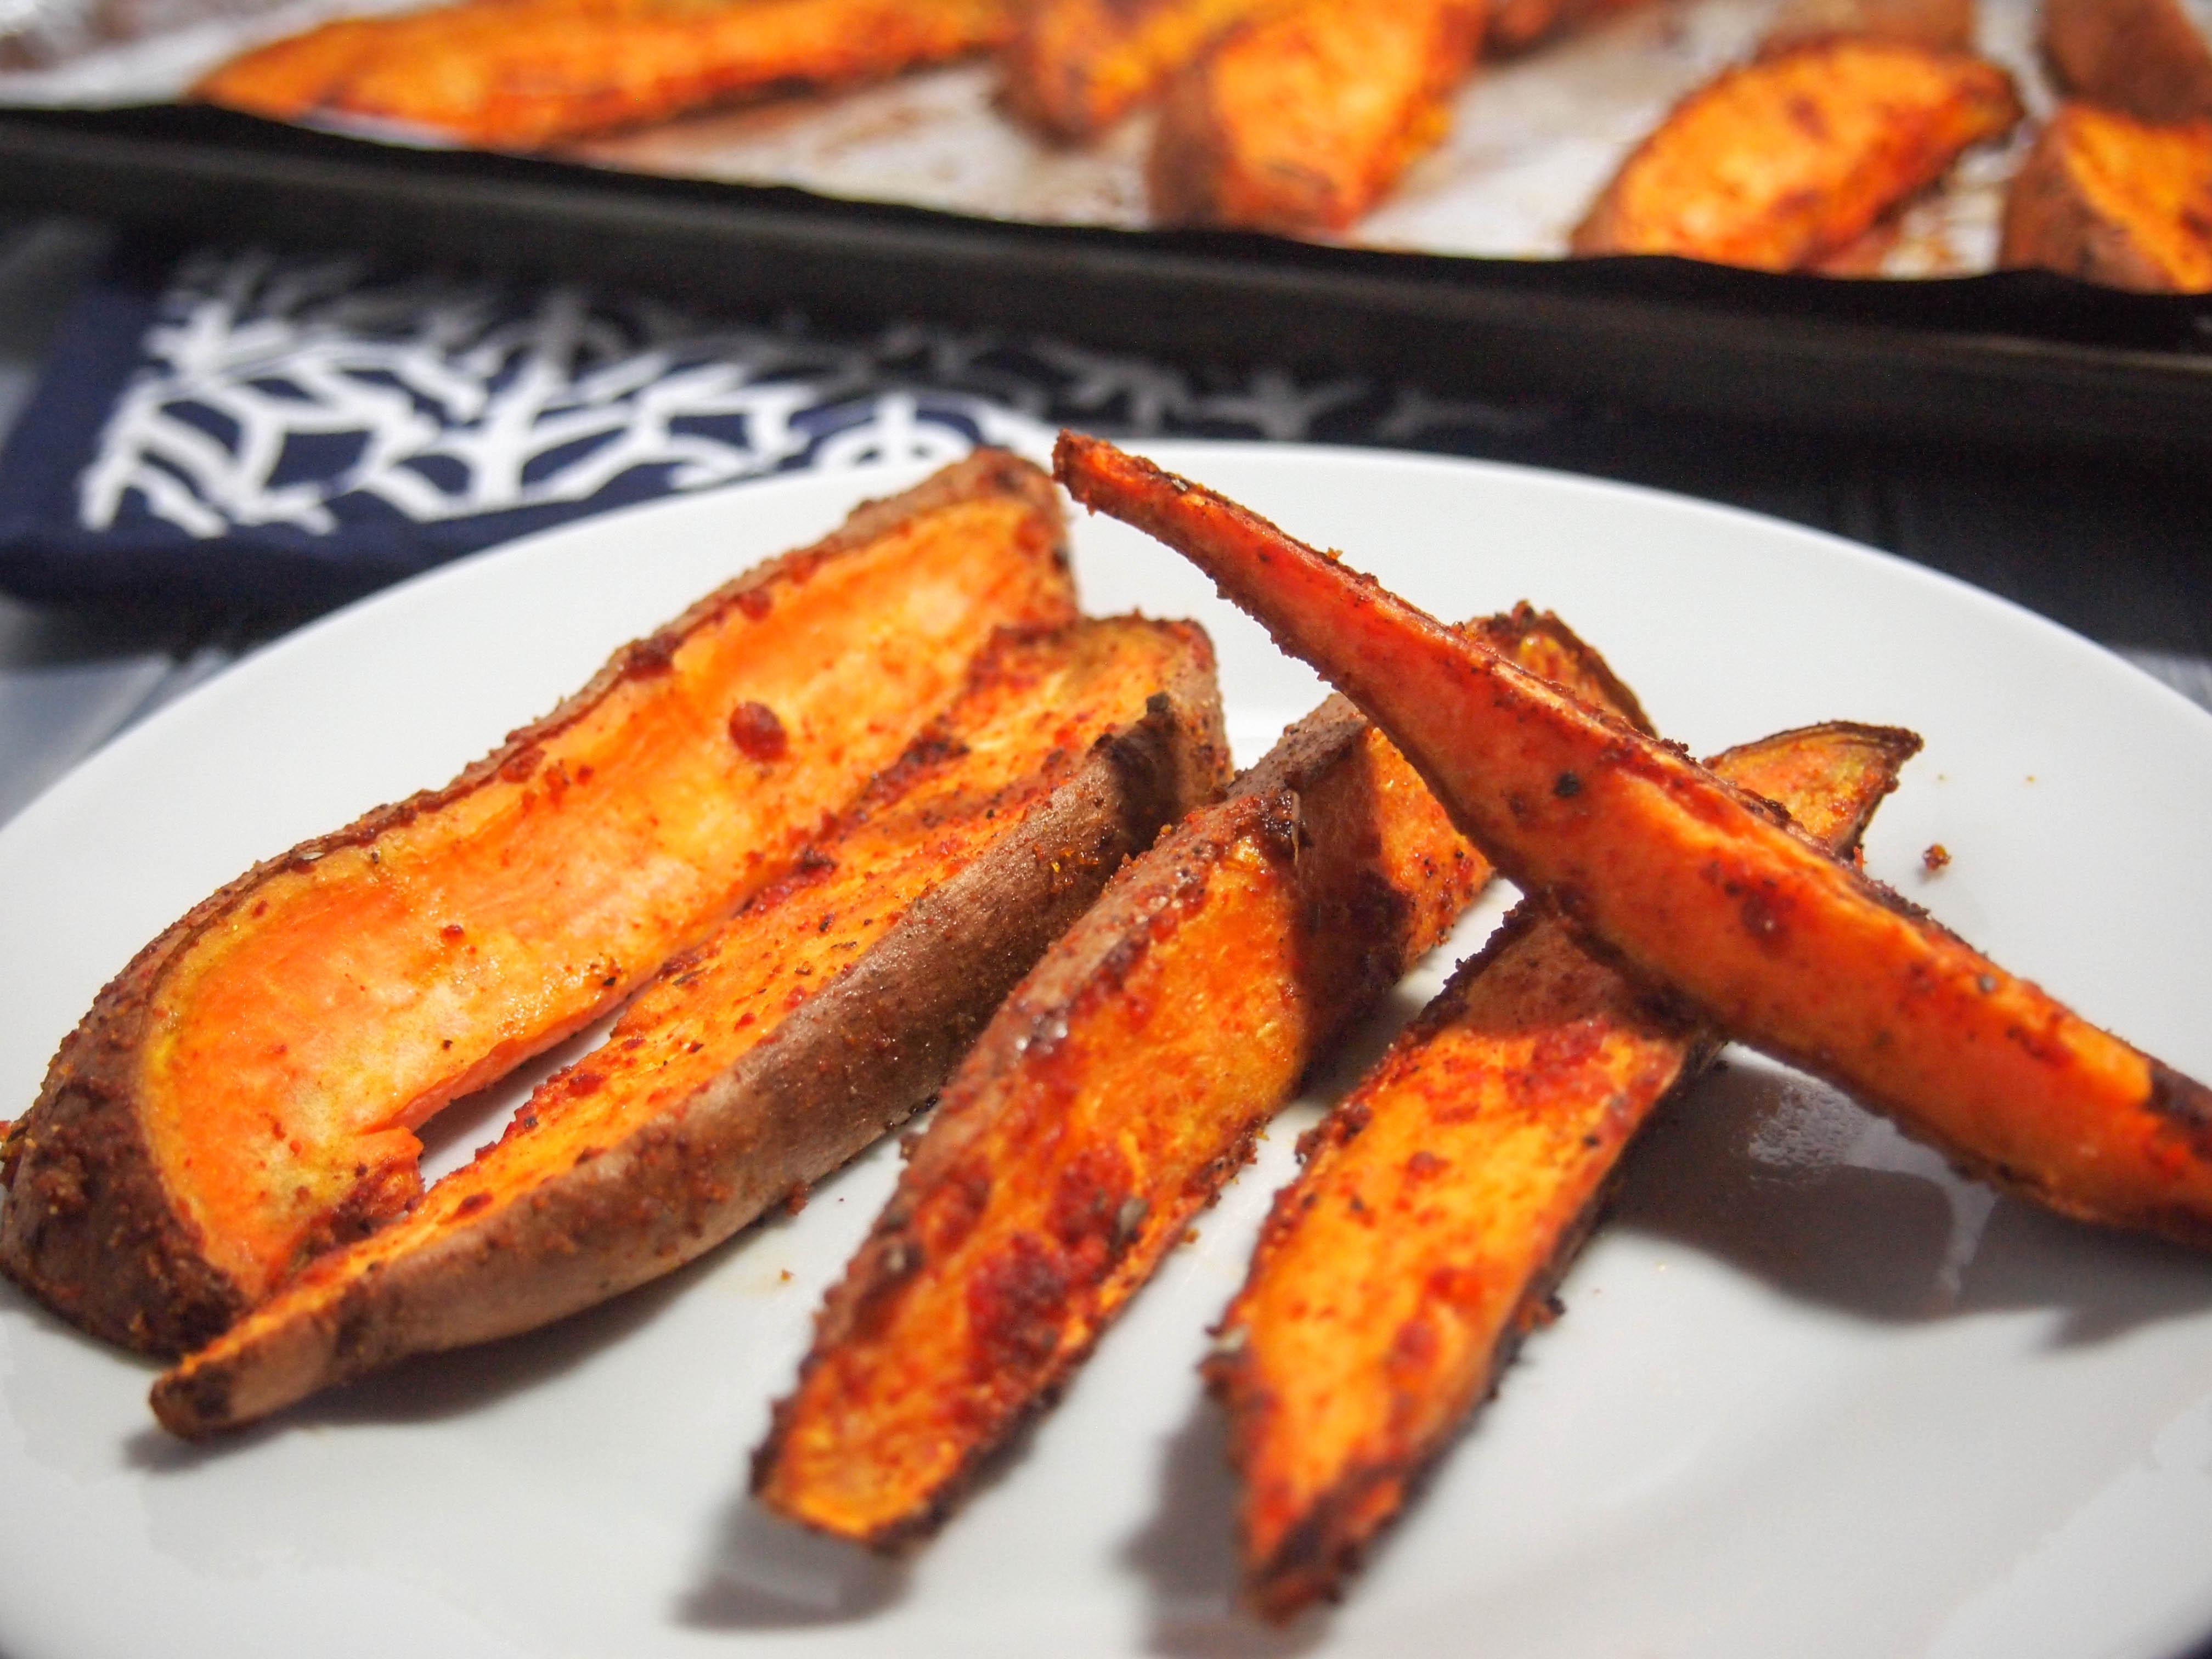 Frites de patate douce - Quand recolter les patates douces ...